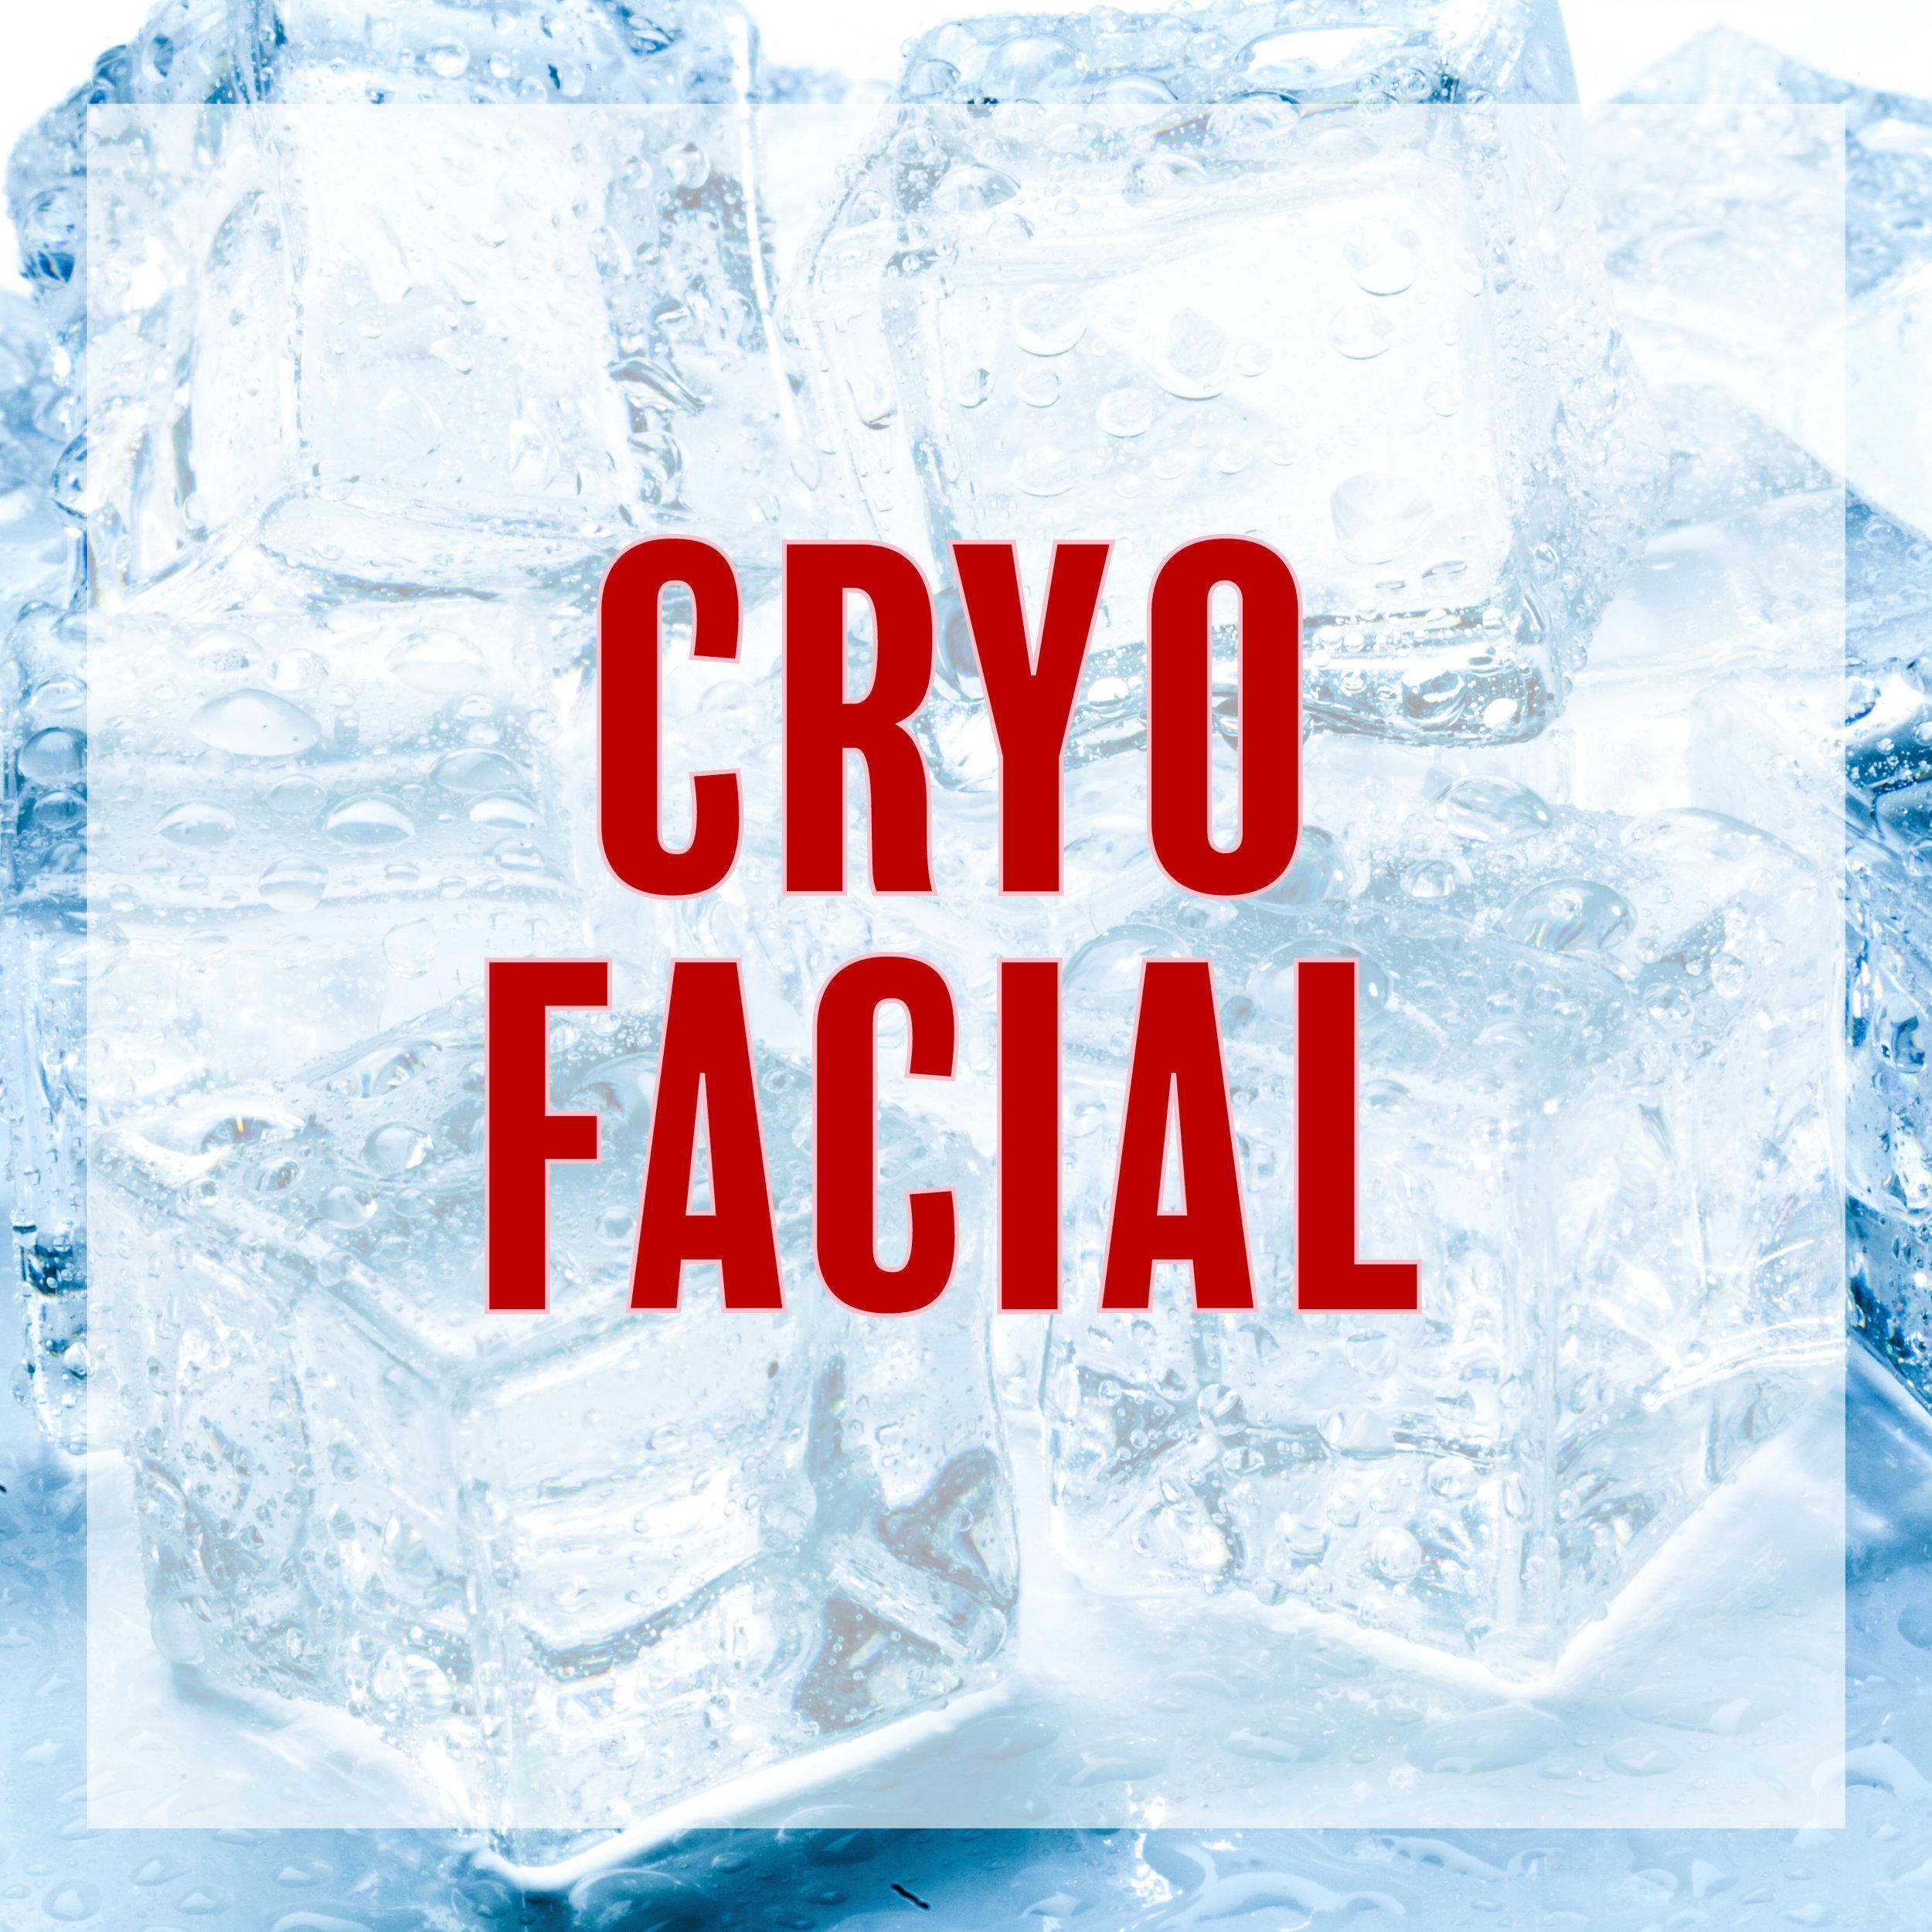 facials8.jpg